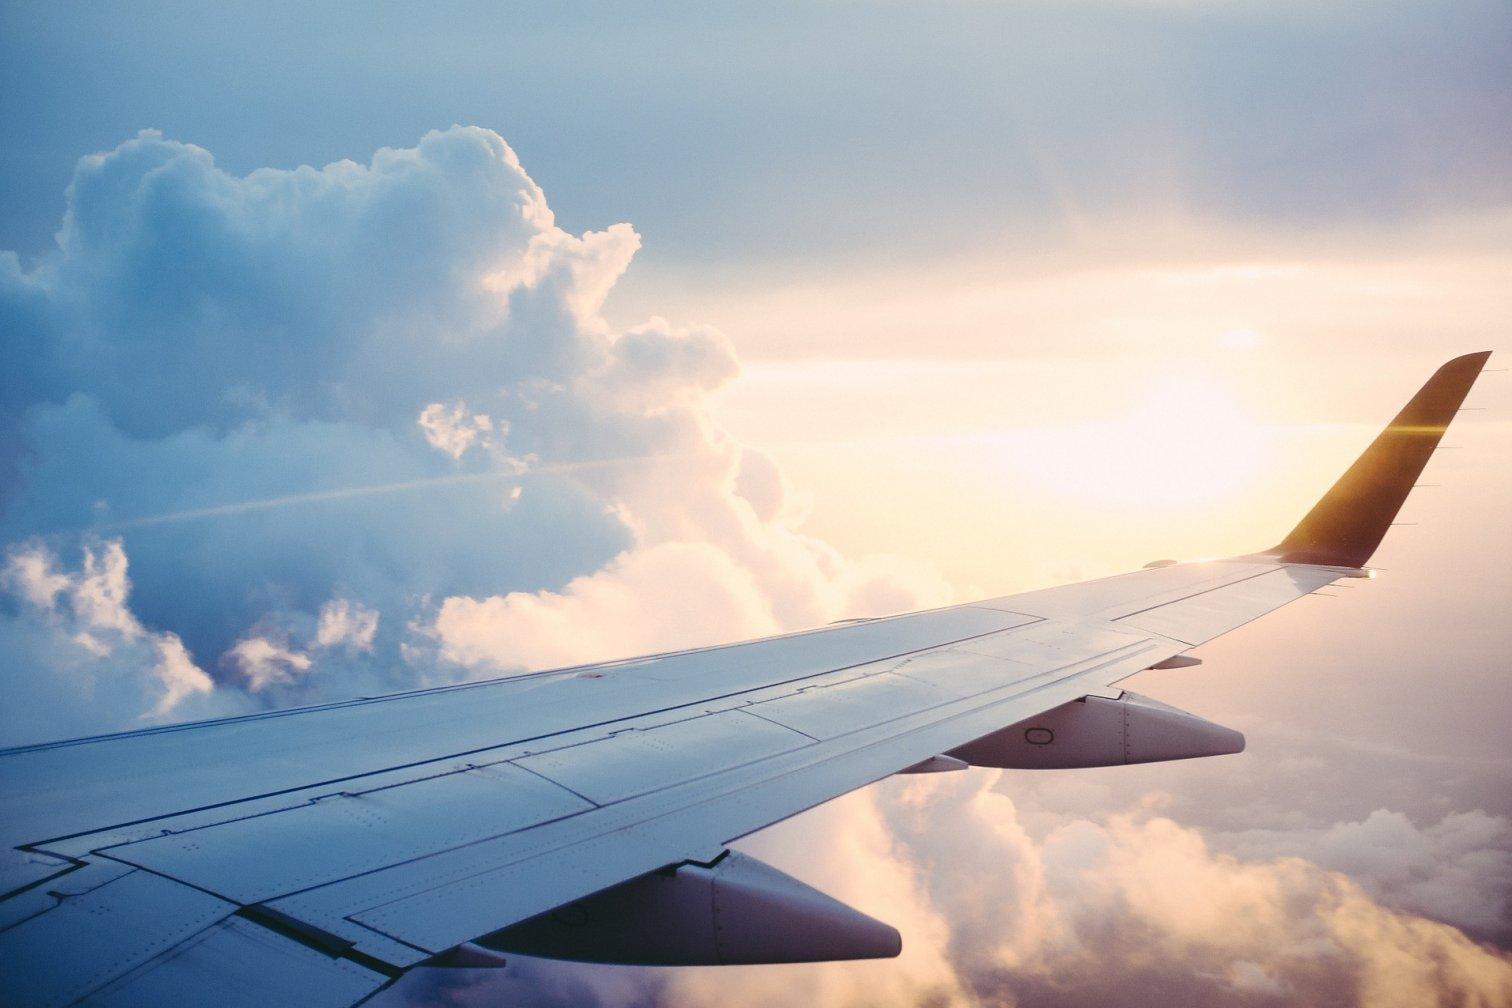 Flugzeug - Reise in den Urlaub